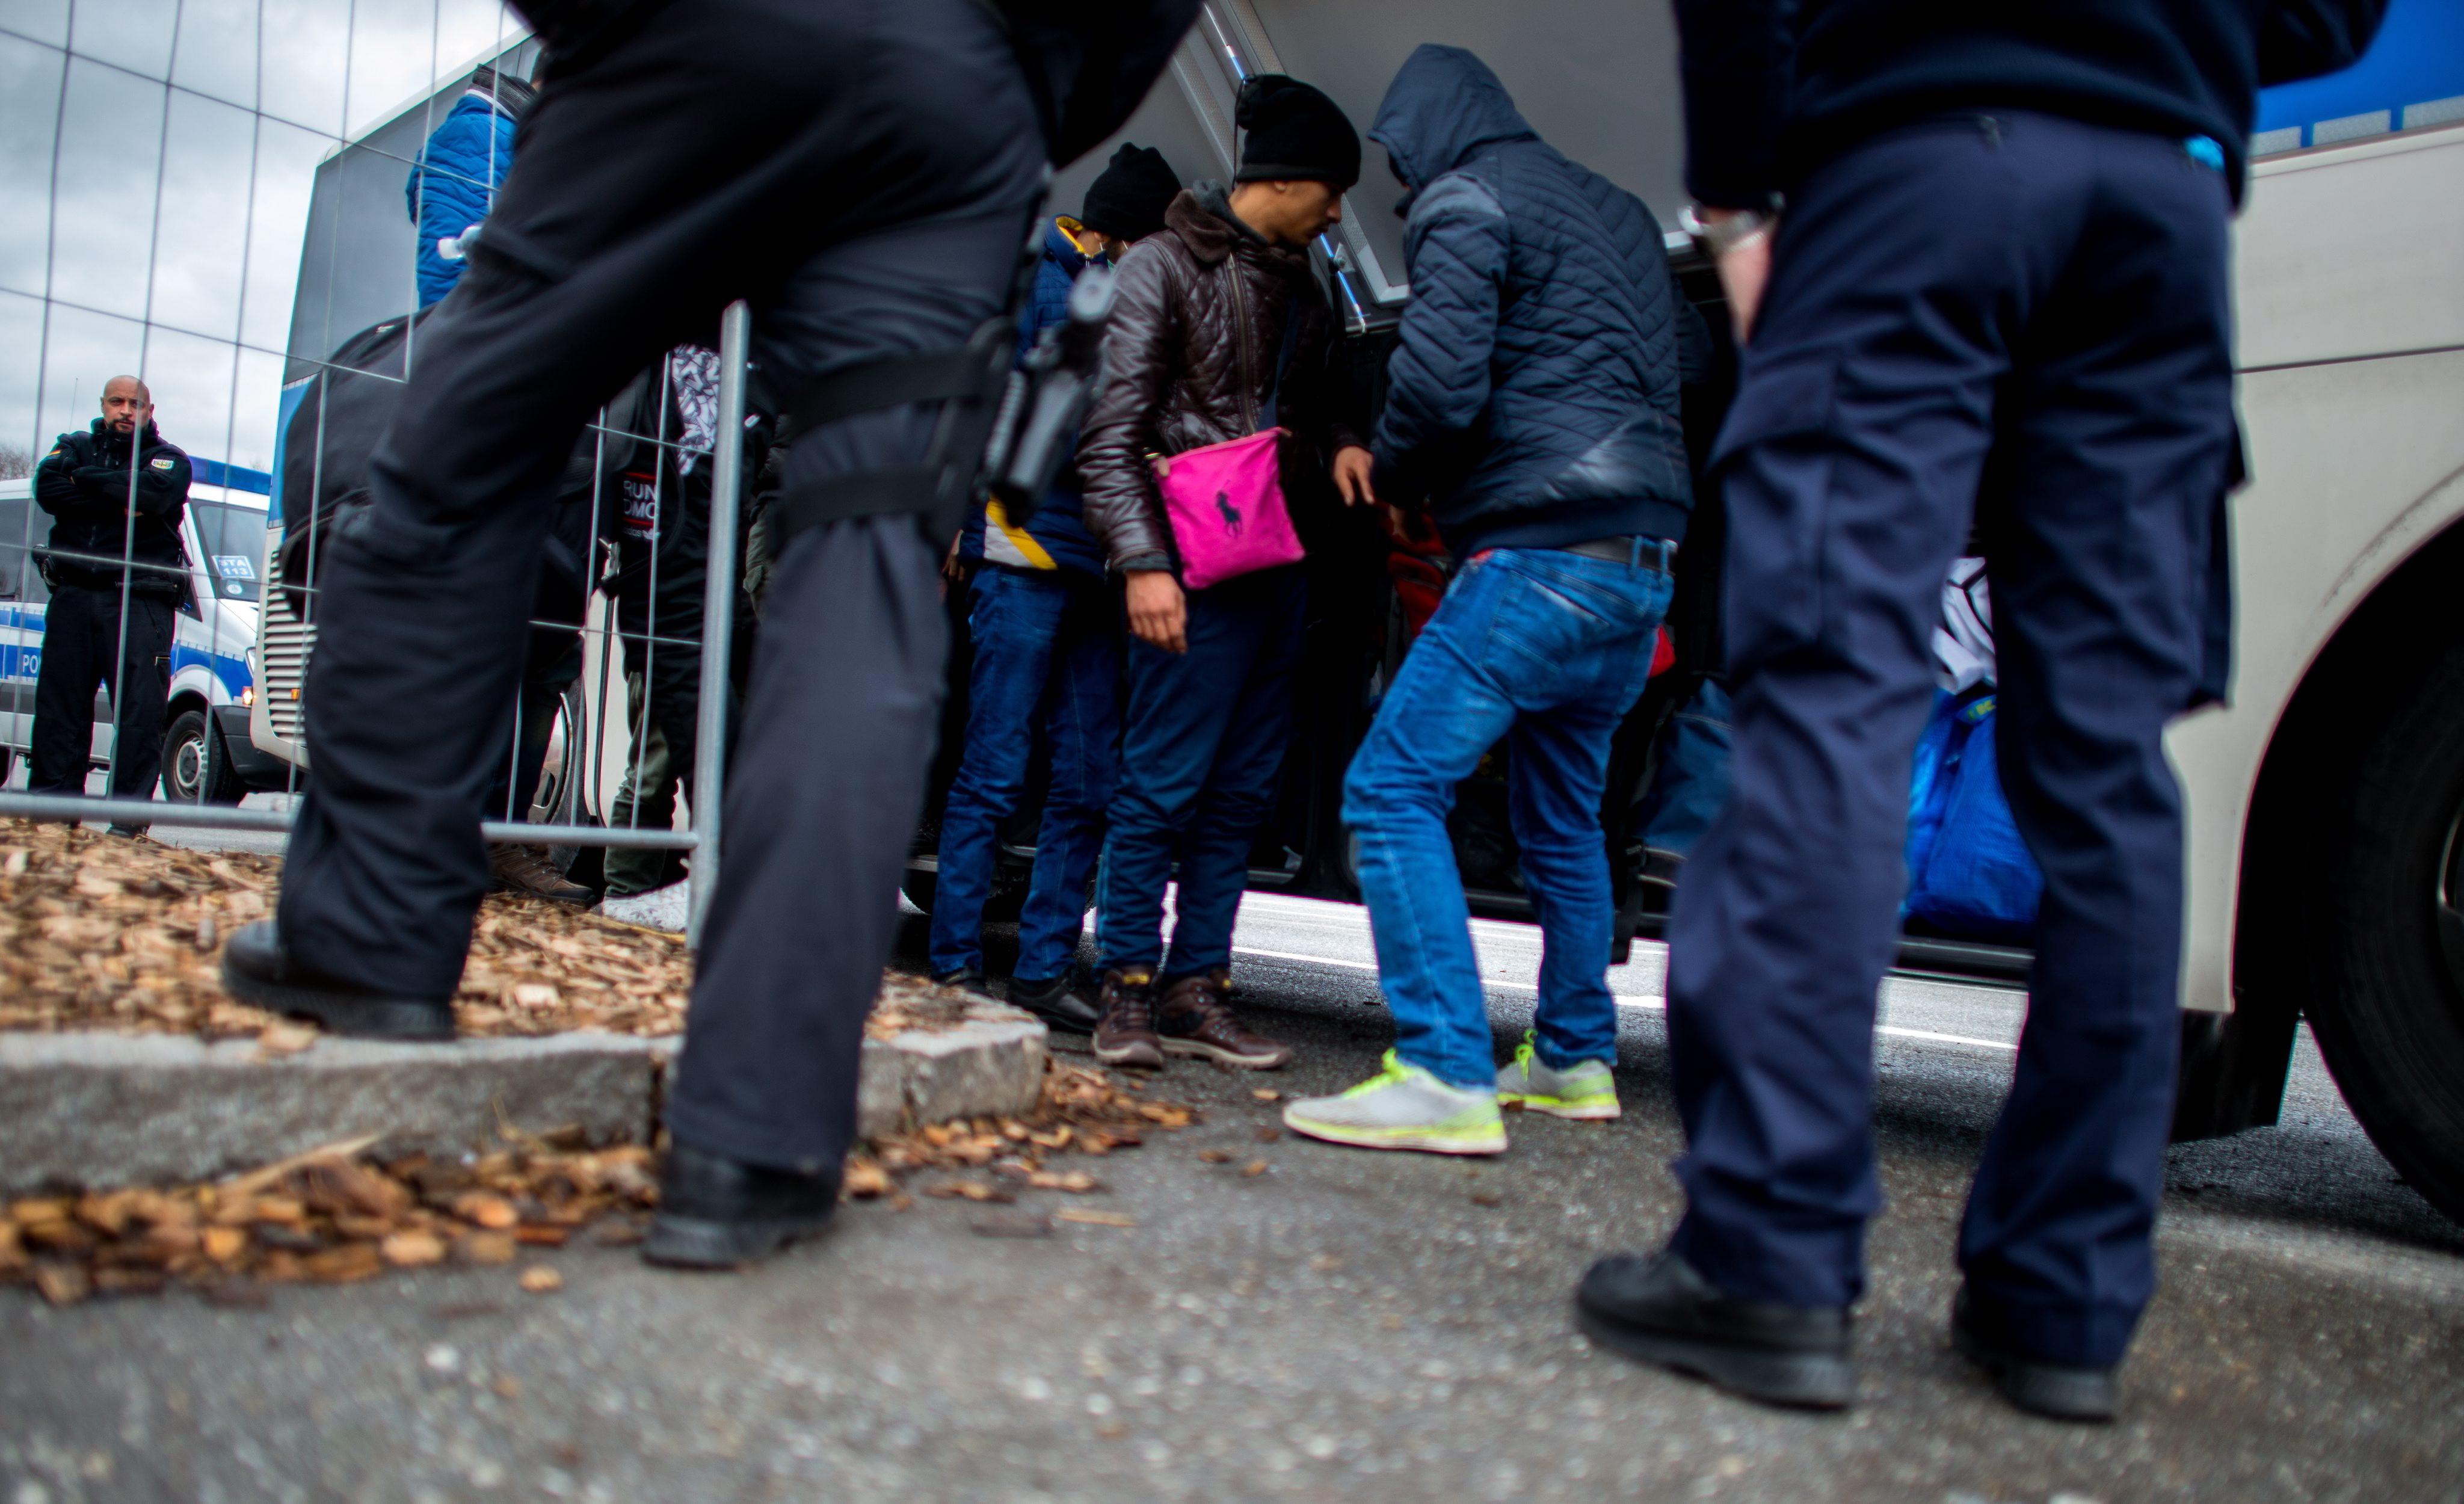 Österreich löst mit seinem Bescchluss einer Obergrenze für Flüchtlinge einen Dominoeffekt aus.